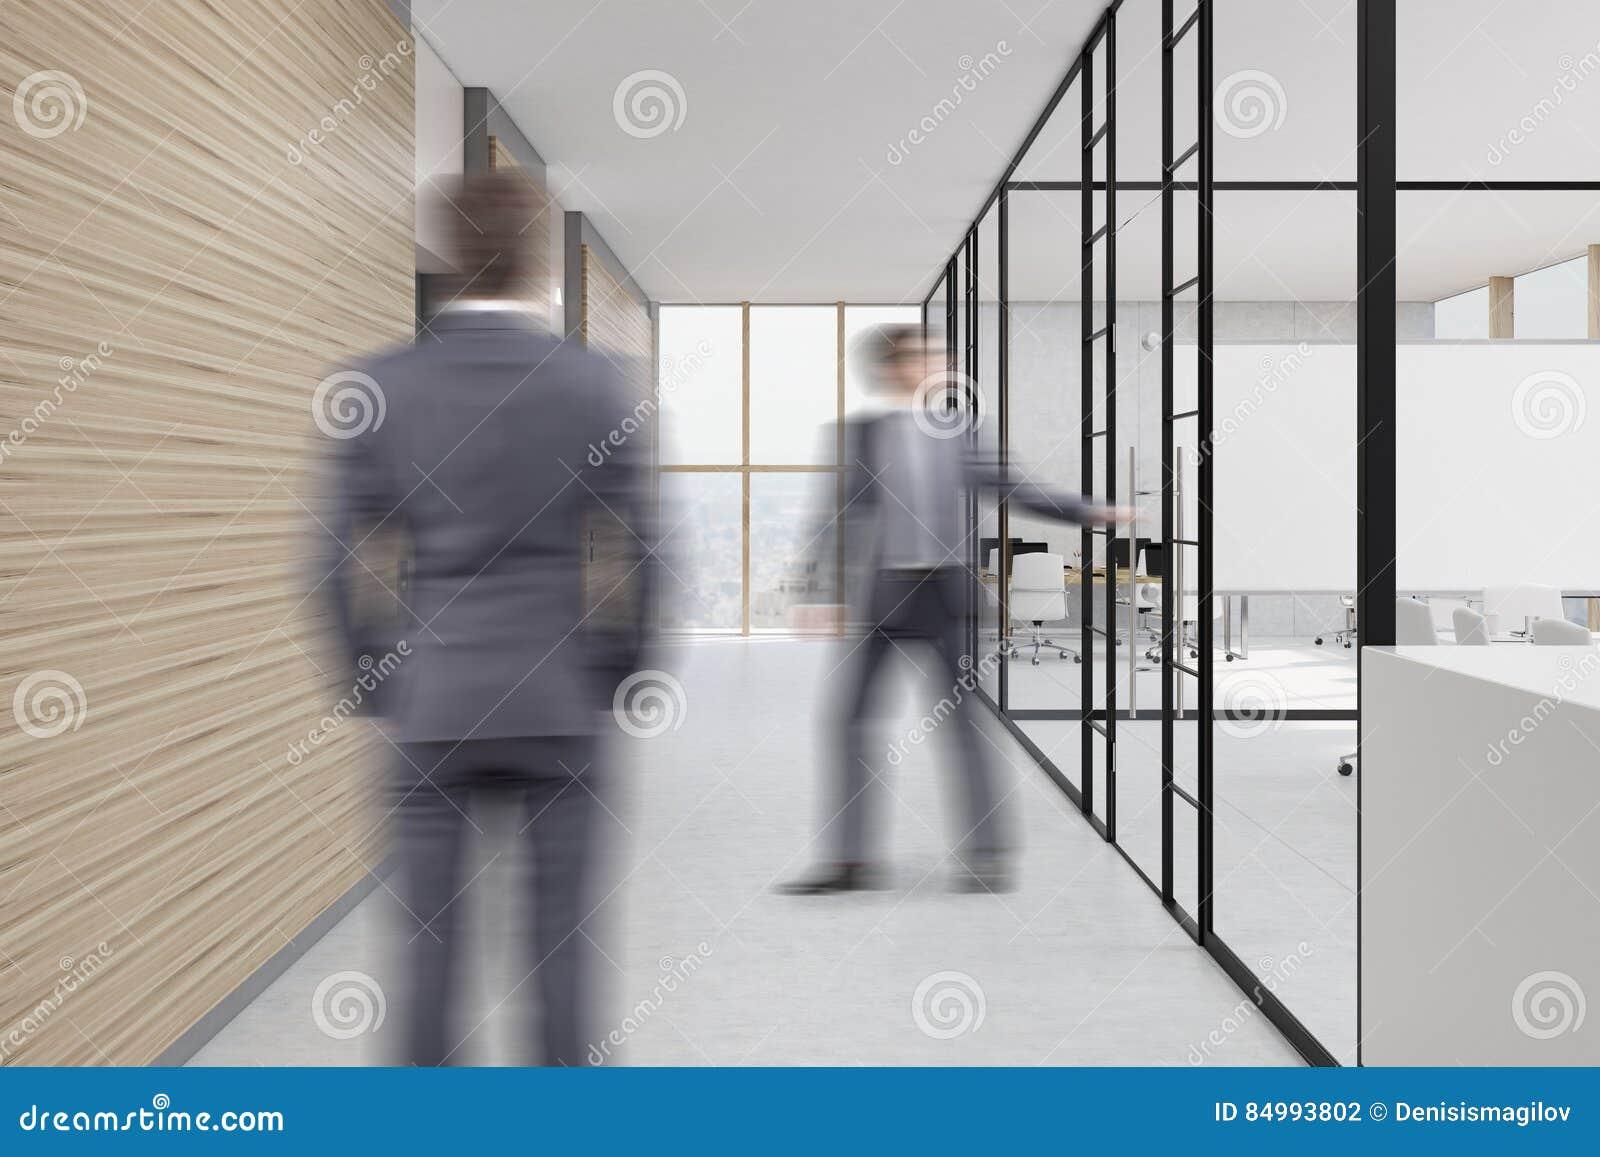 Ufficio Legno E Vetro : La gente nel corridoio dellufficio con le pareti di legno e di